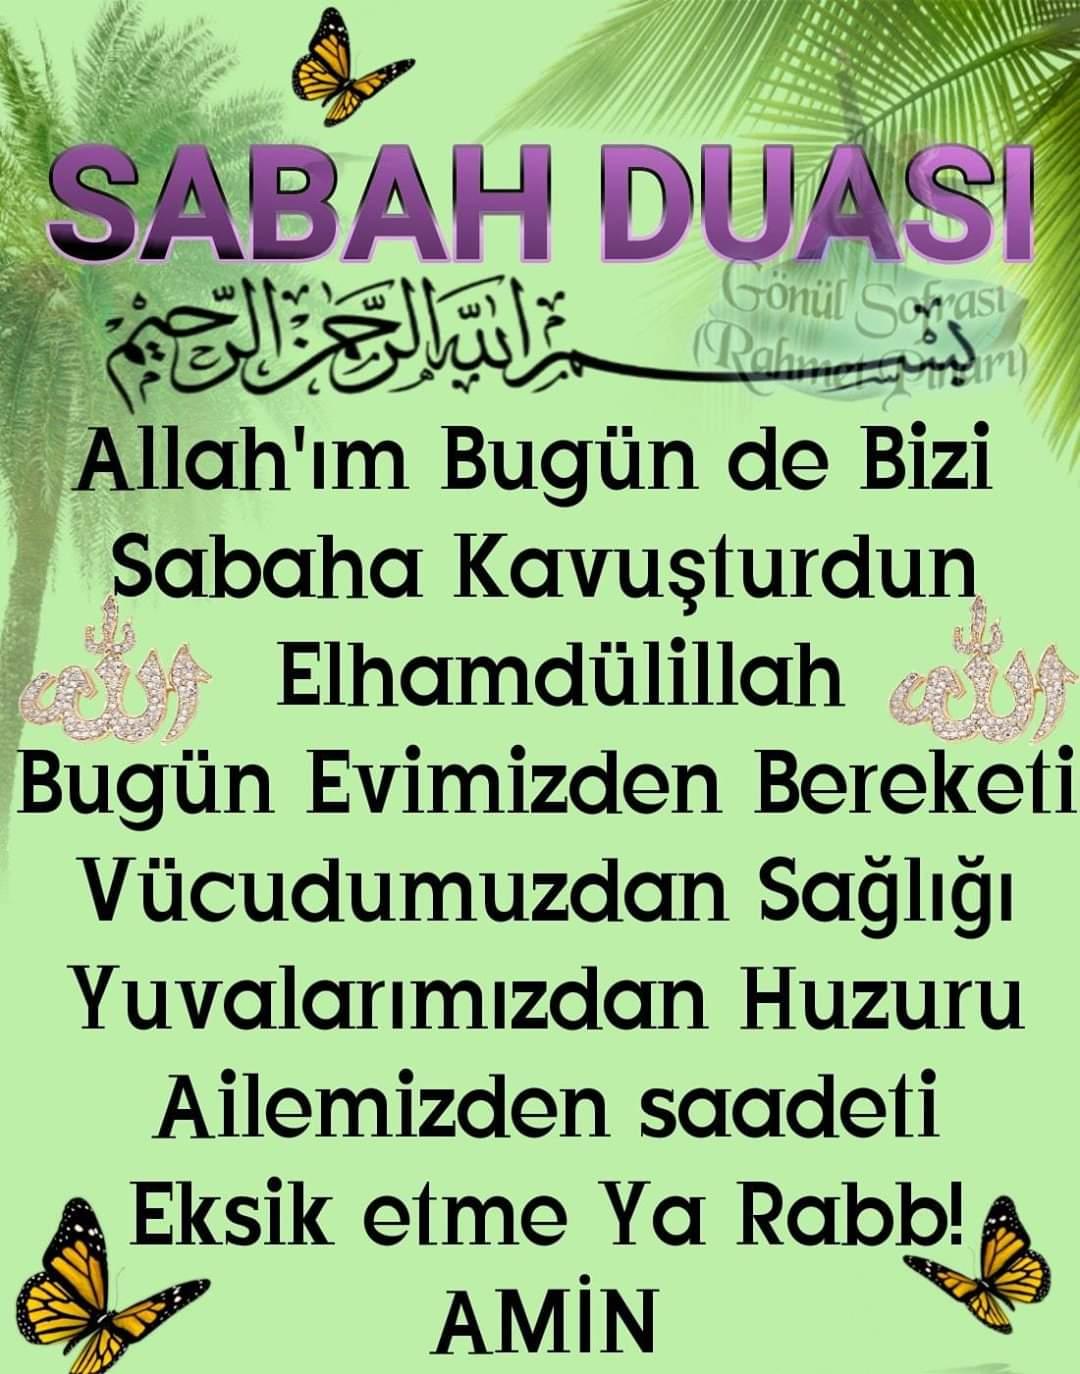 Sabah duası cokiyiabi.com